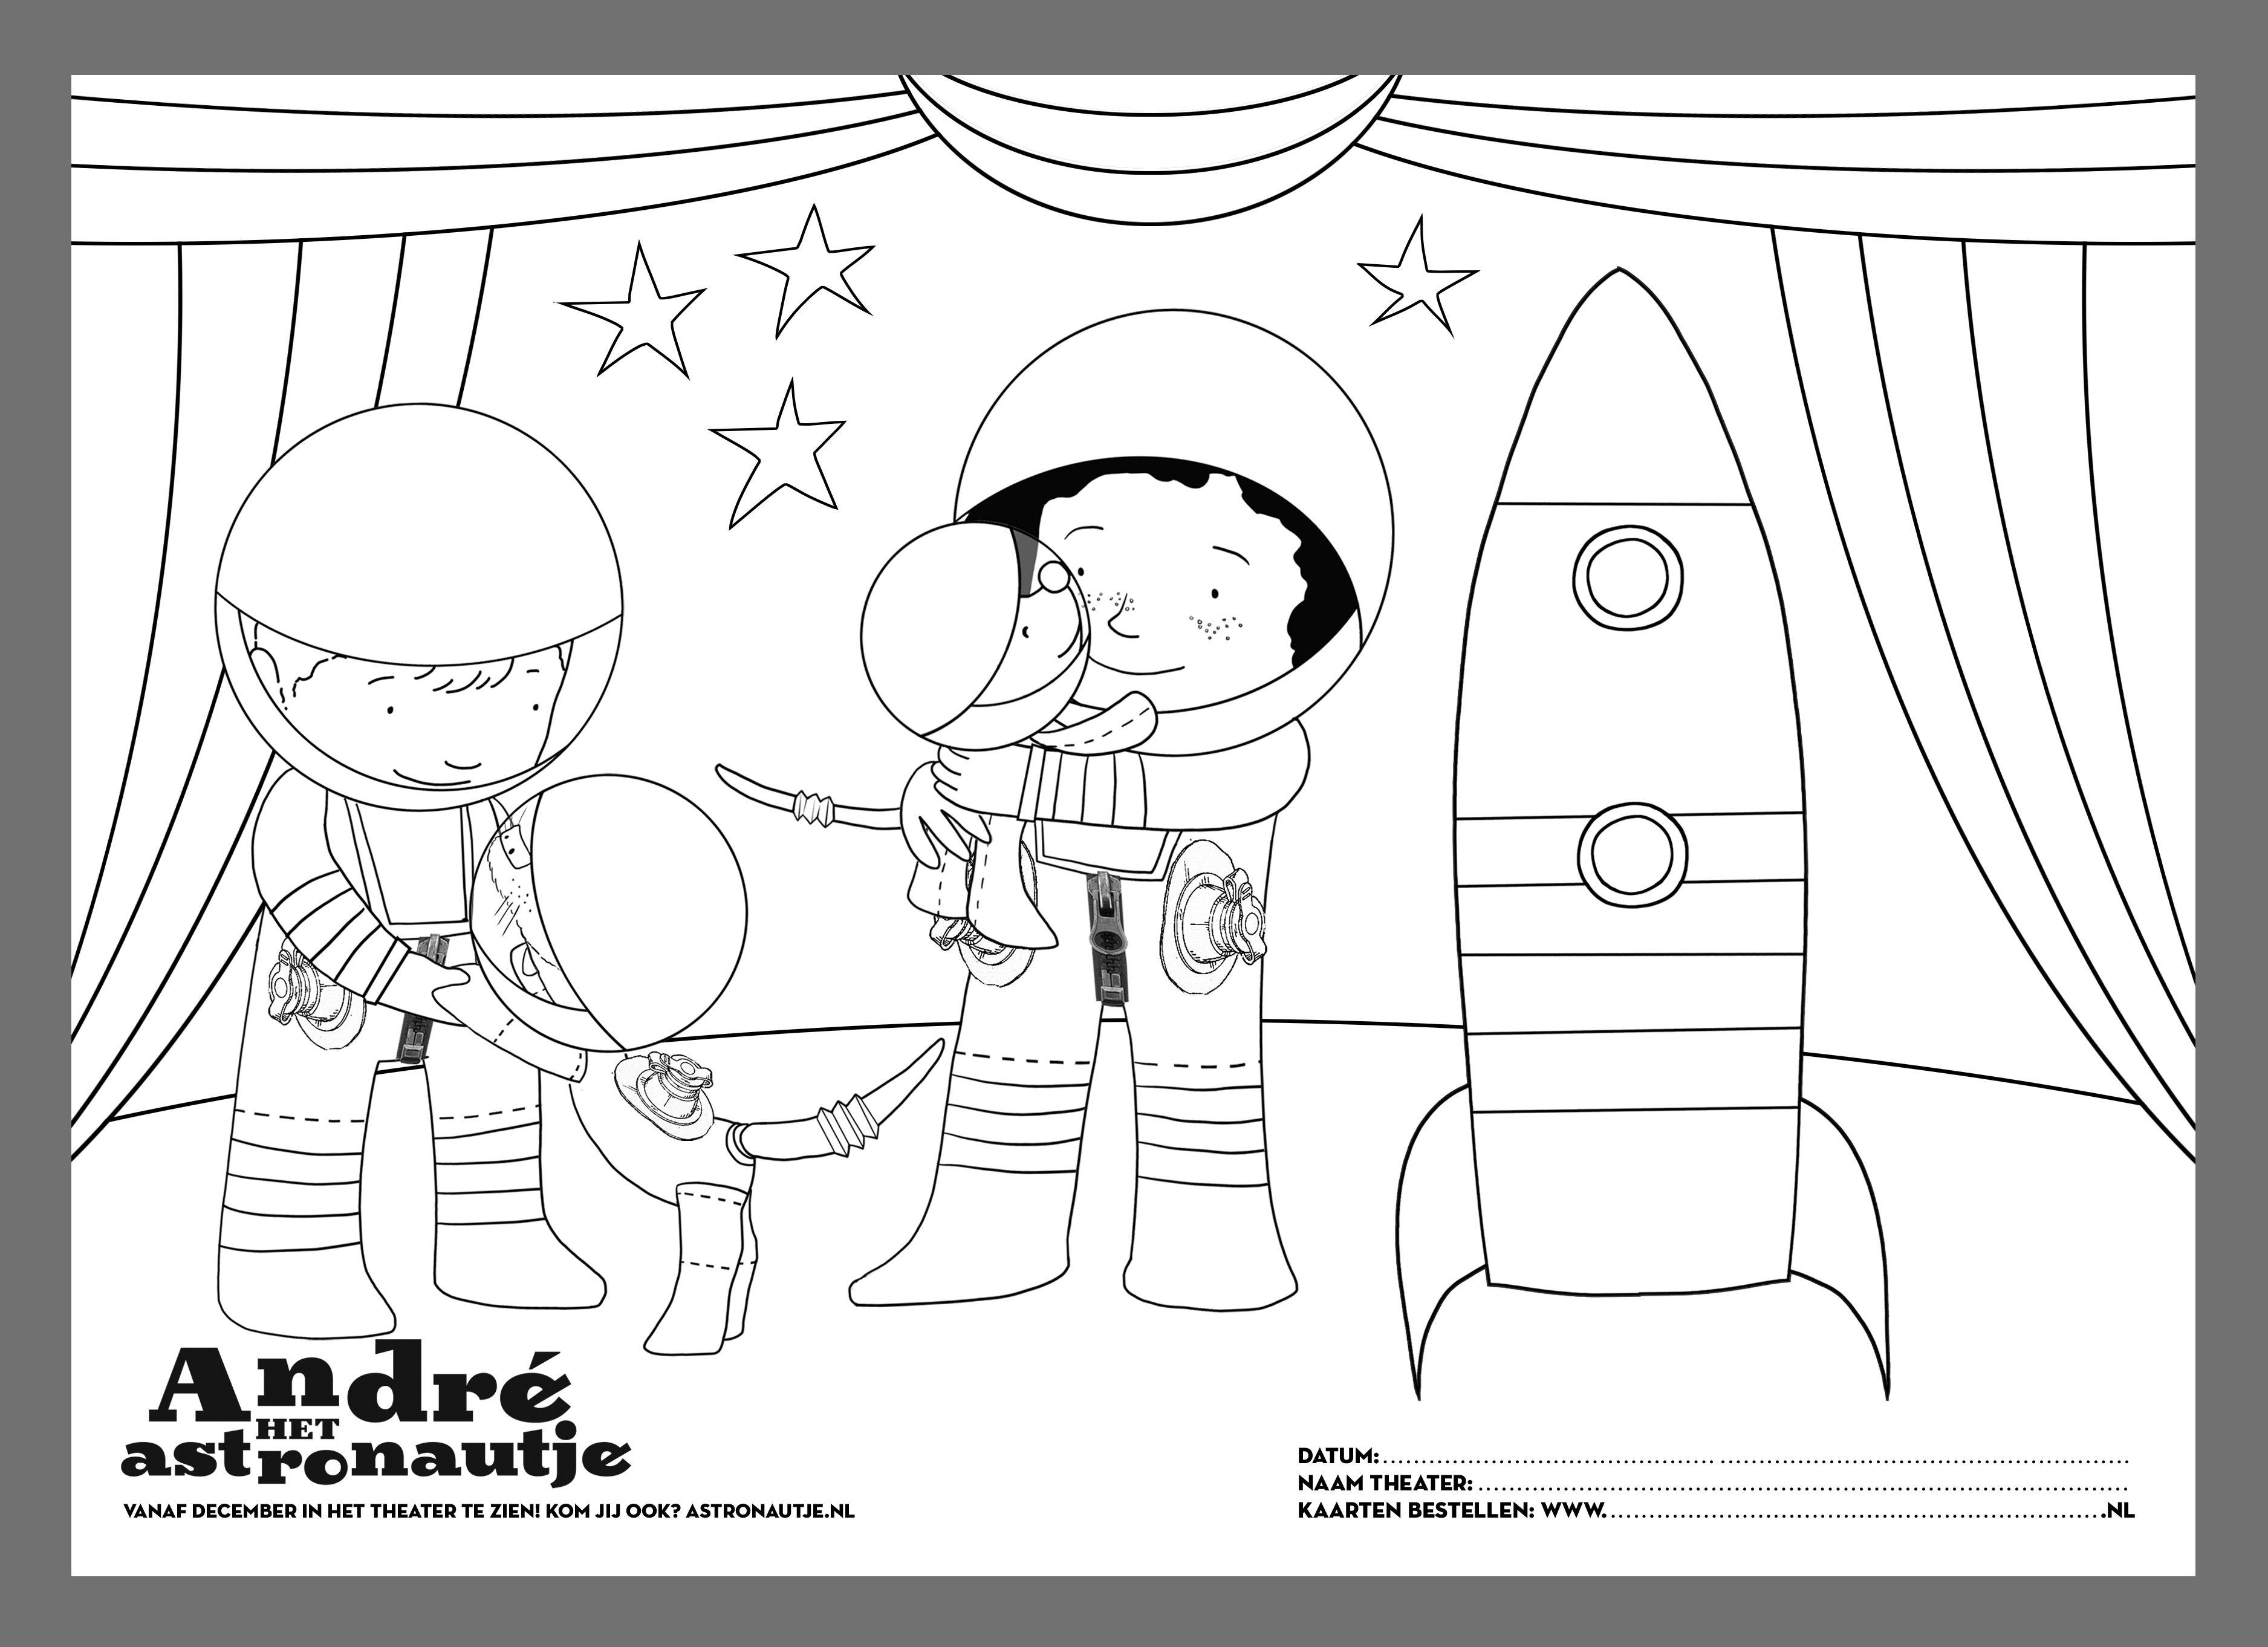 Theater Andre Het Astronautje Parktheater Eindhoven 12 Maart 2017